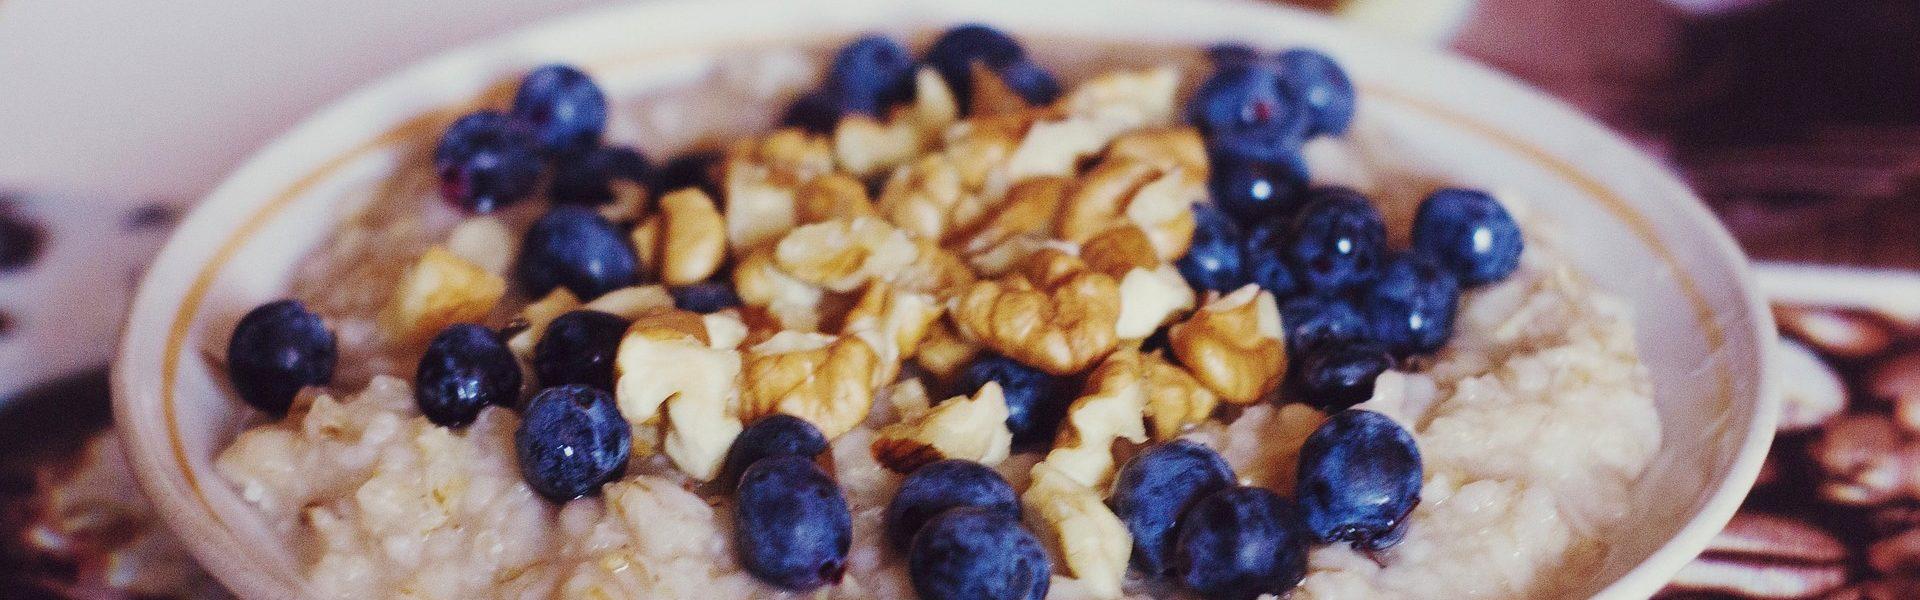 owsianka śniadanie owoce nabiał